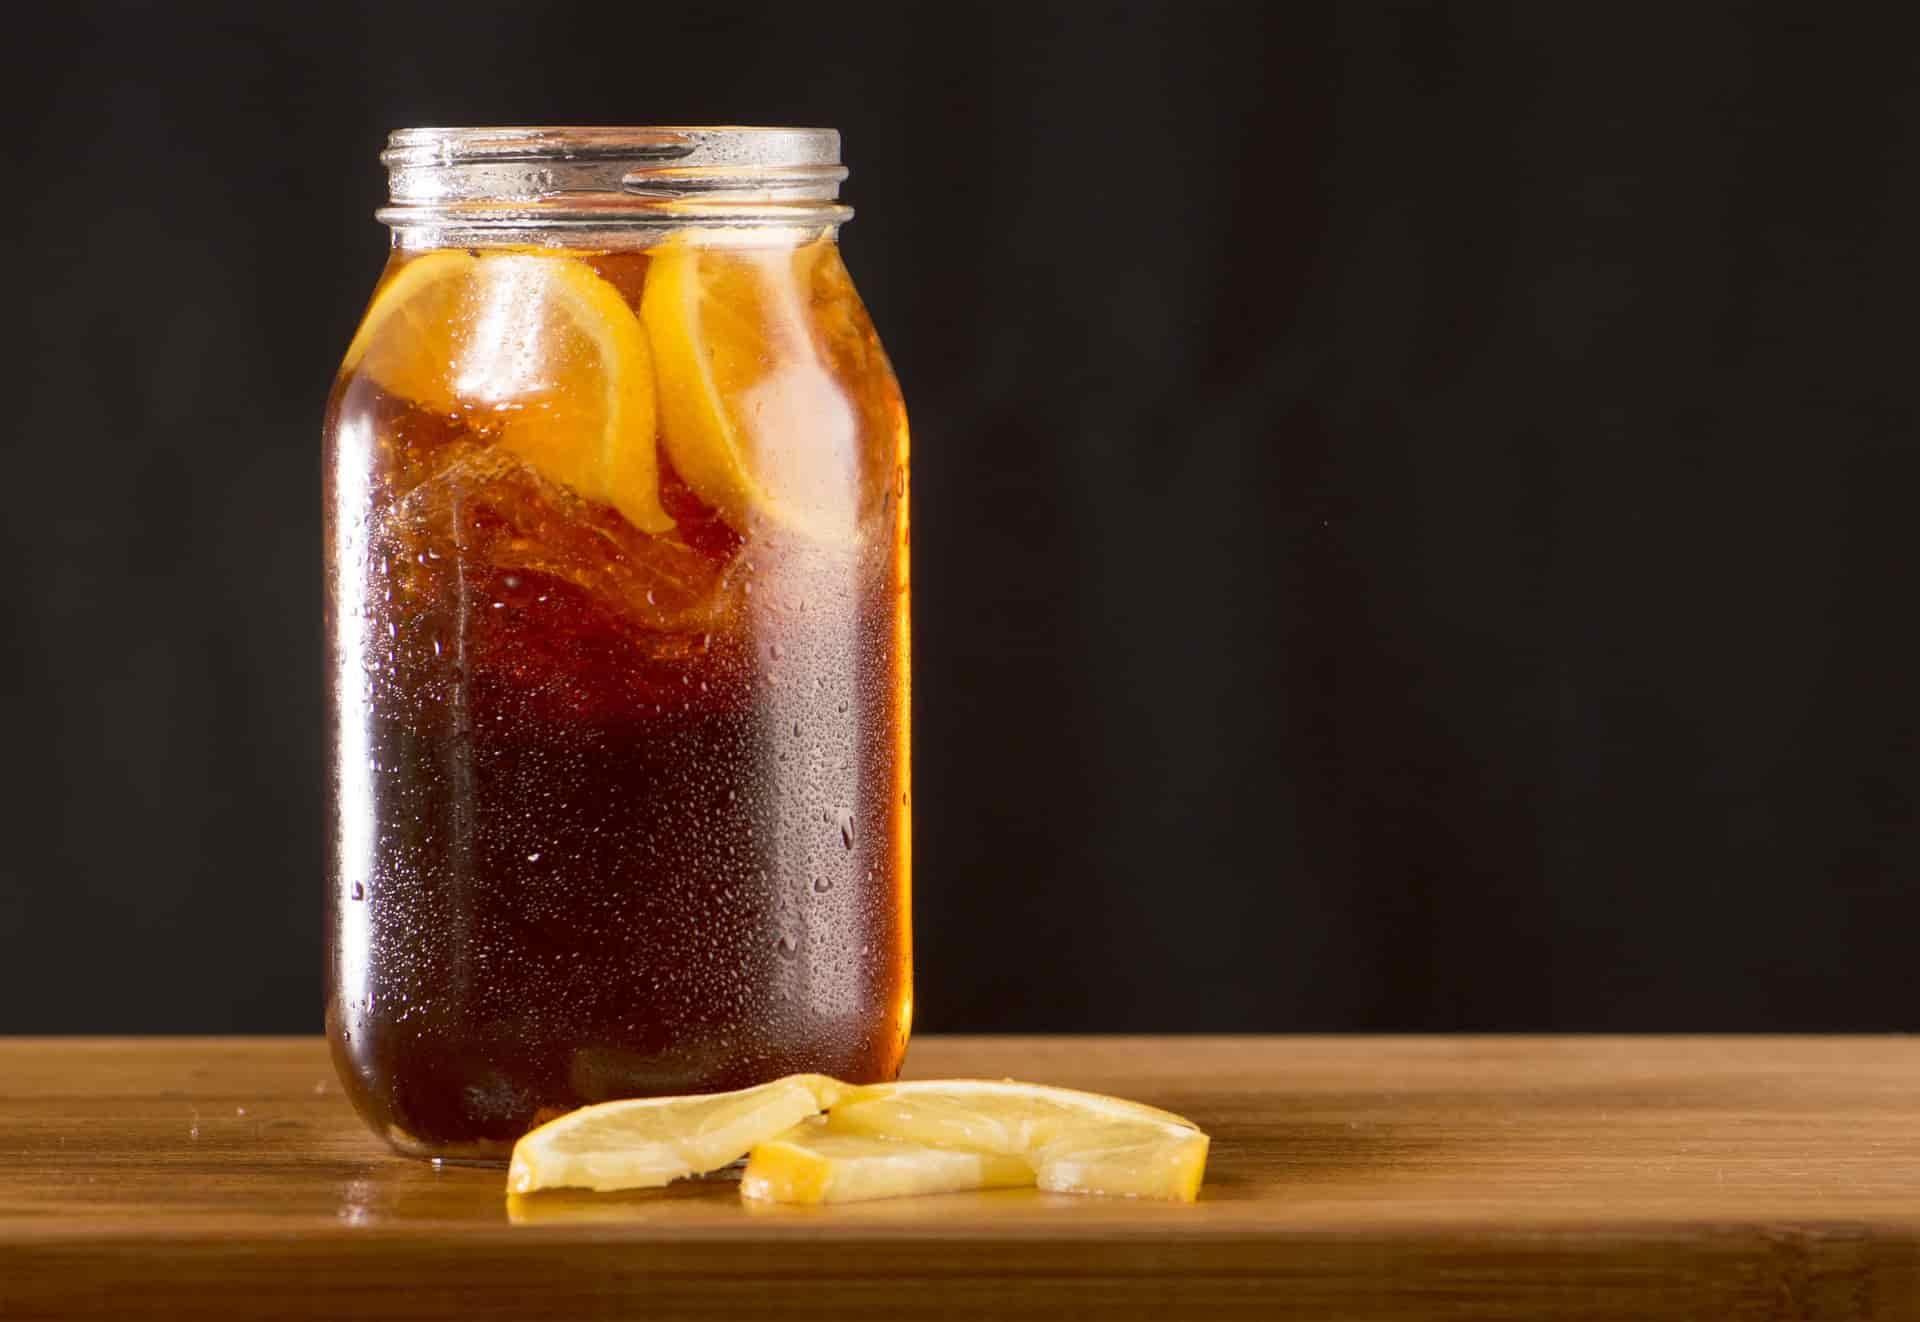 jarra de chá com rodelas de limão sobre a mesa